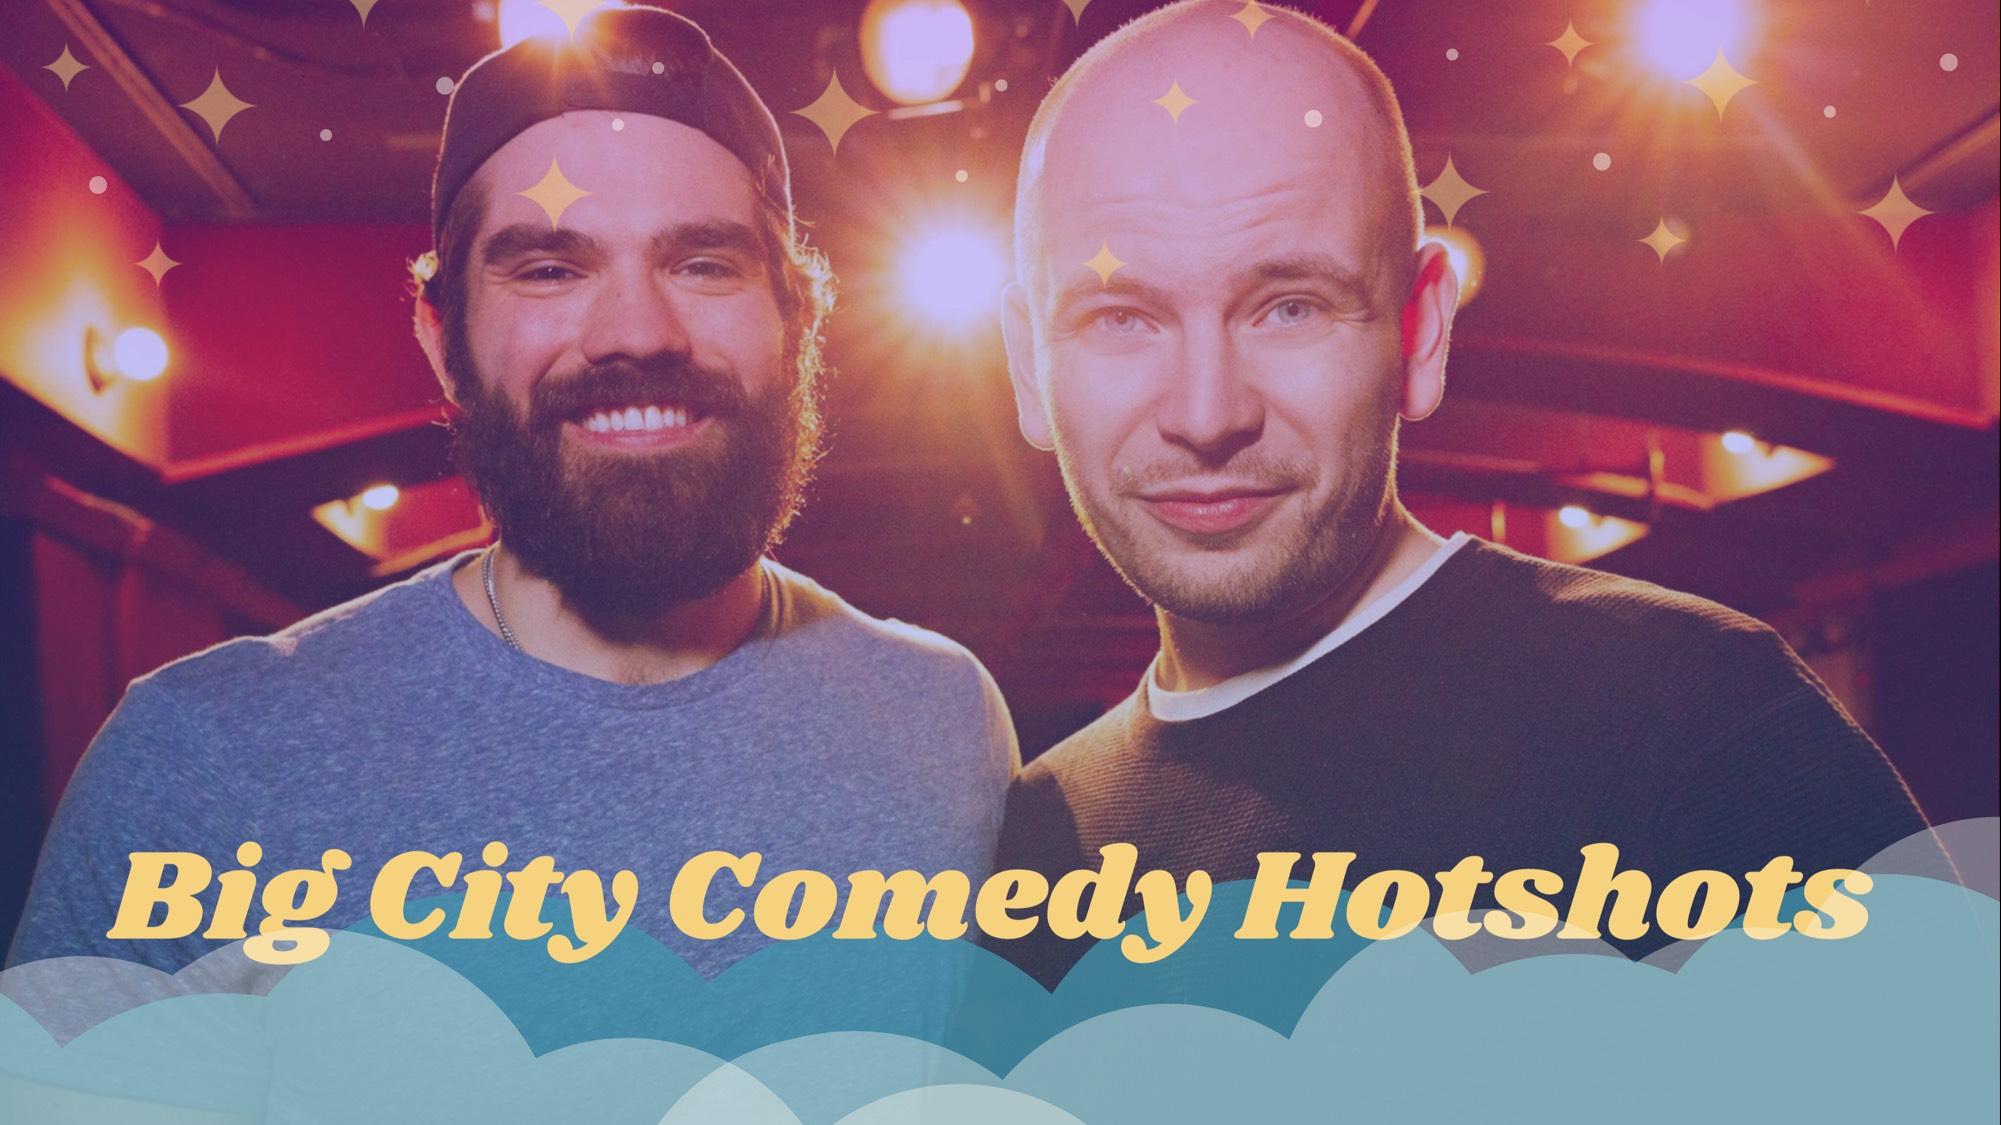 Big City Comedy Hotshots High Res.jpg